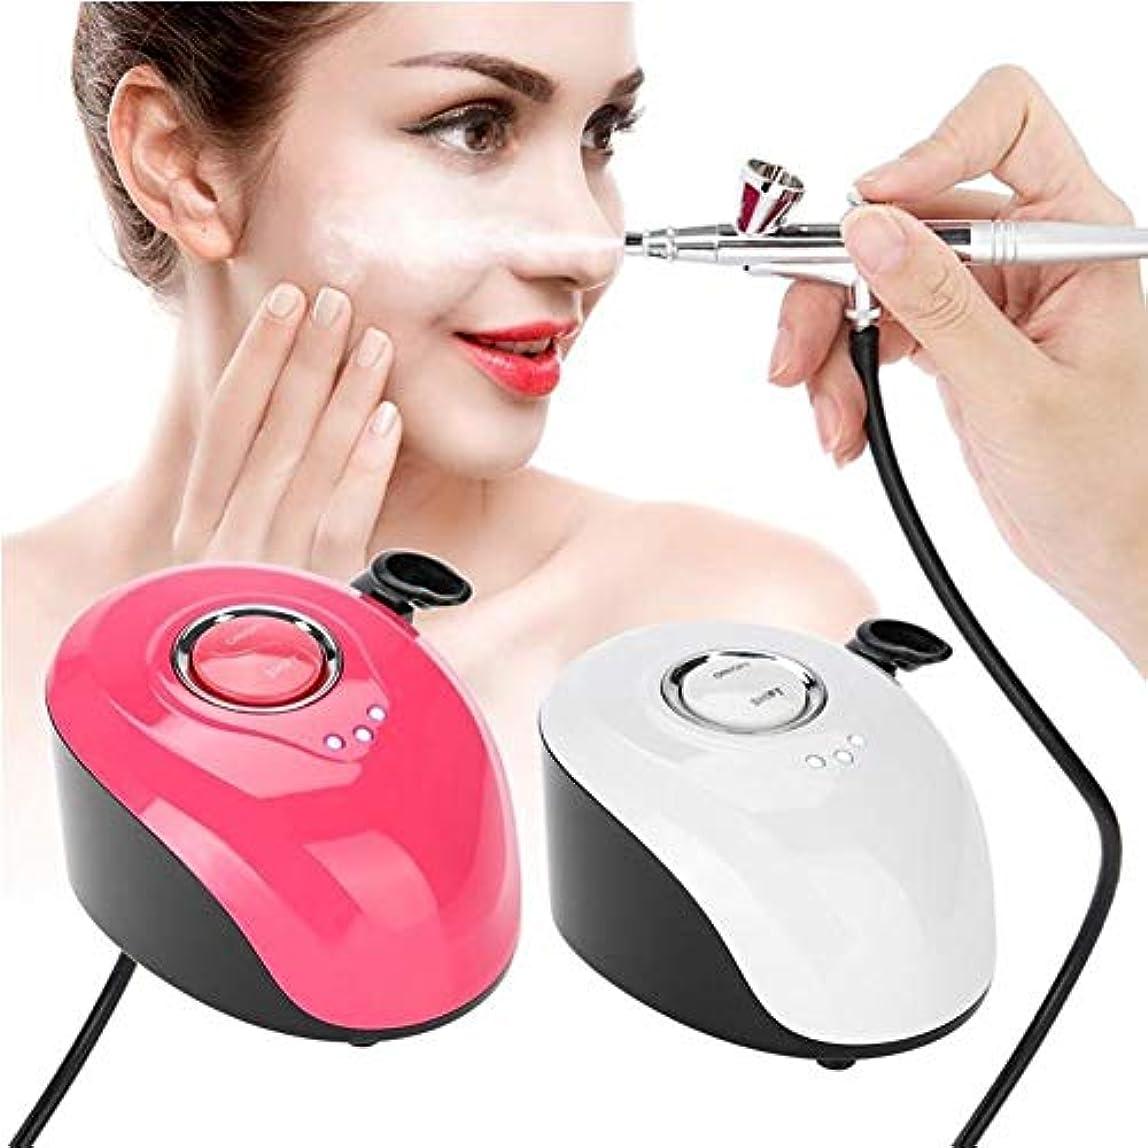 そばにラダ口頭酸素水注射器インジェクター皮膚美容デバイス保湿ホワイトニングアンチエイジング肌の若返りとディープクレンジング高圧水酸素注入修復肌white